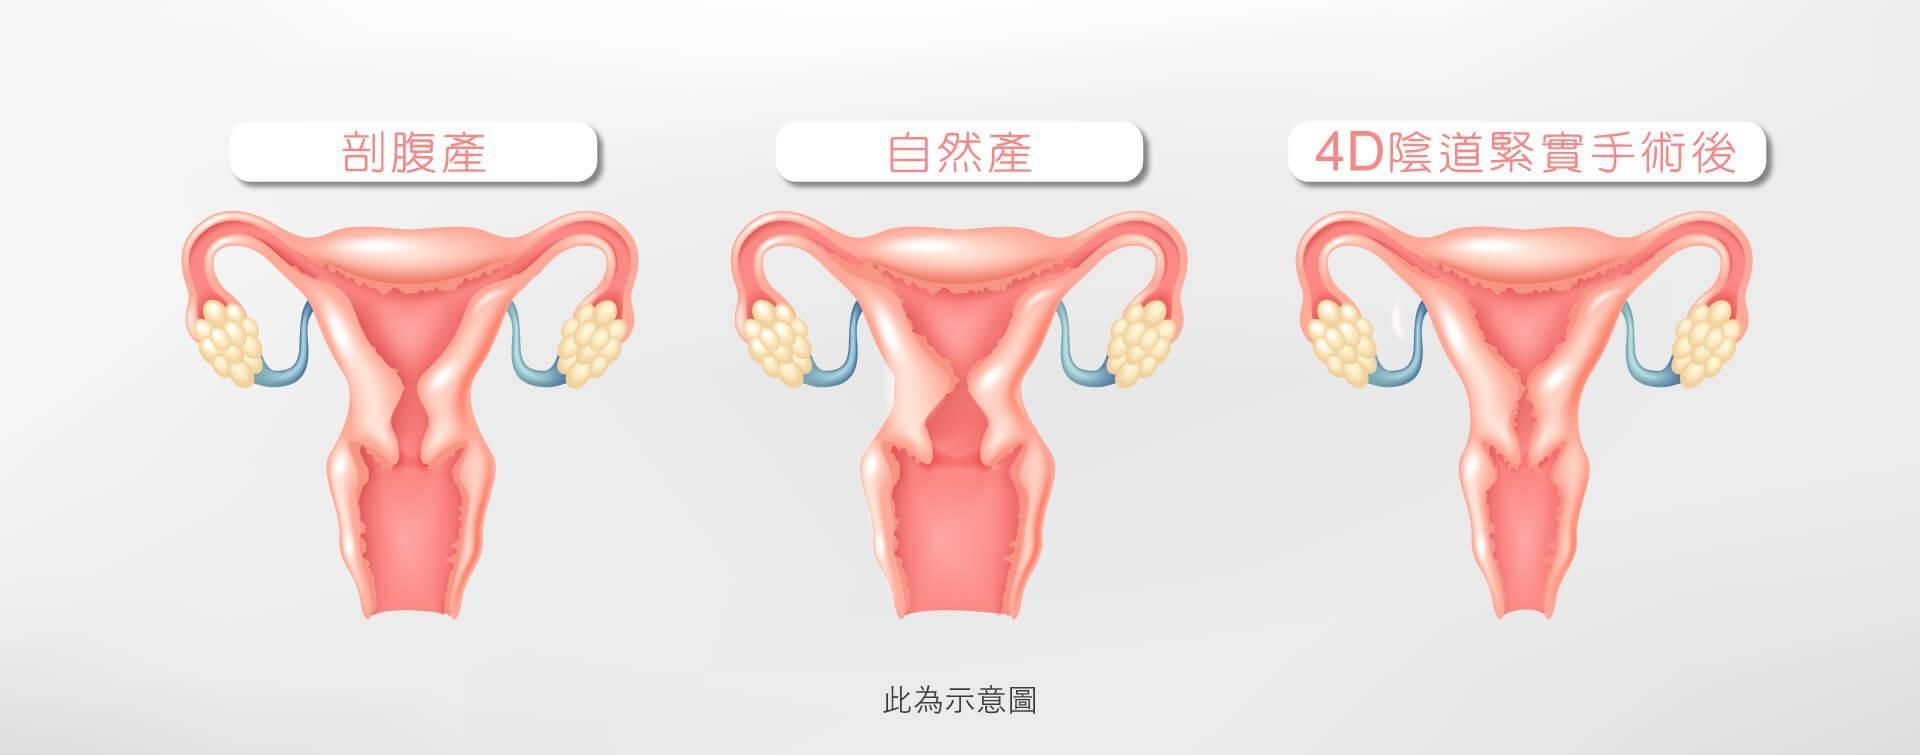 4D陰道緊實手術